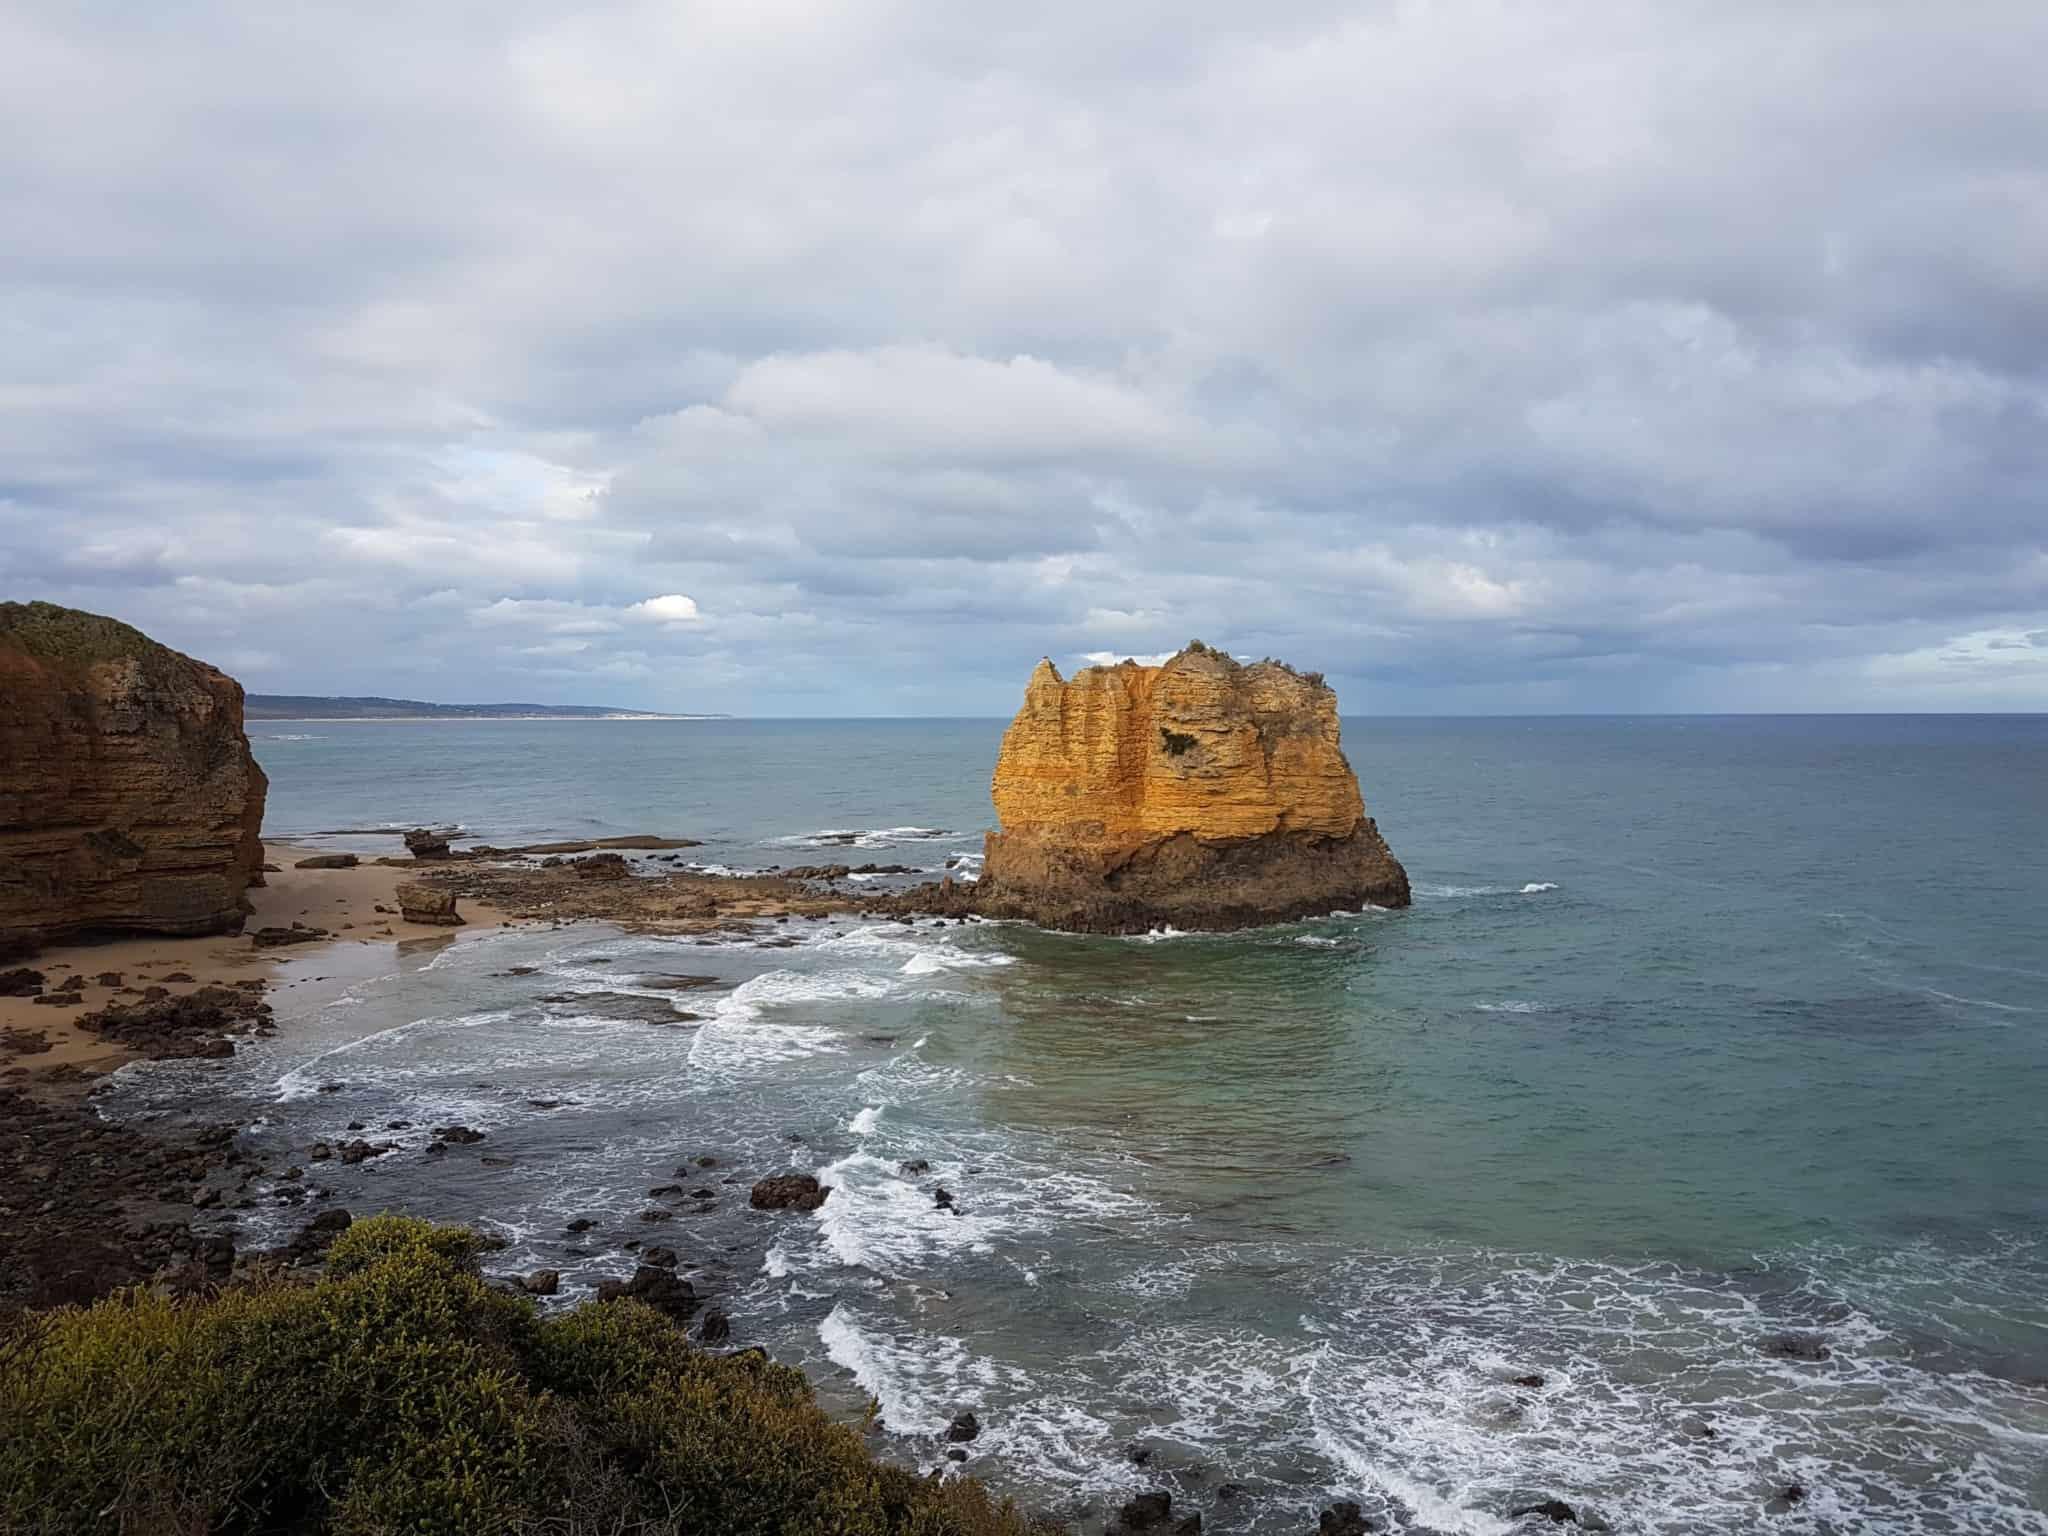 Australie, après 1 200 km de route on arrive à Melbourne 🏬 15